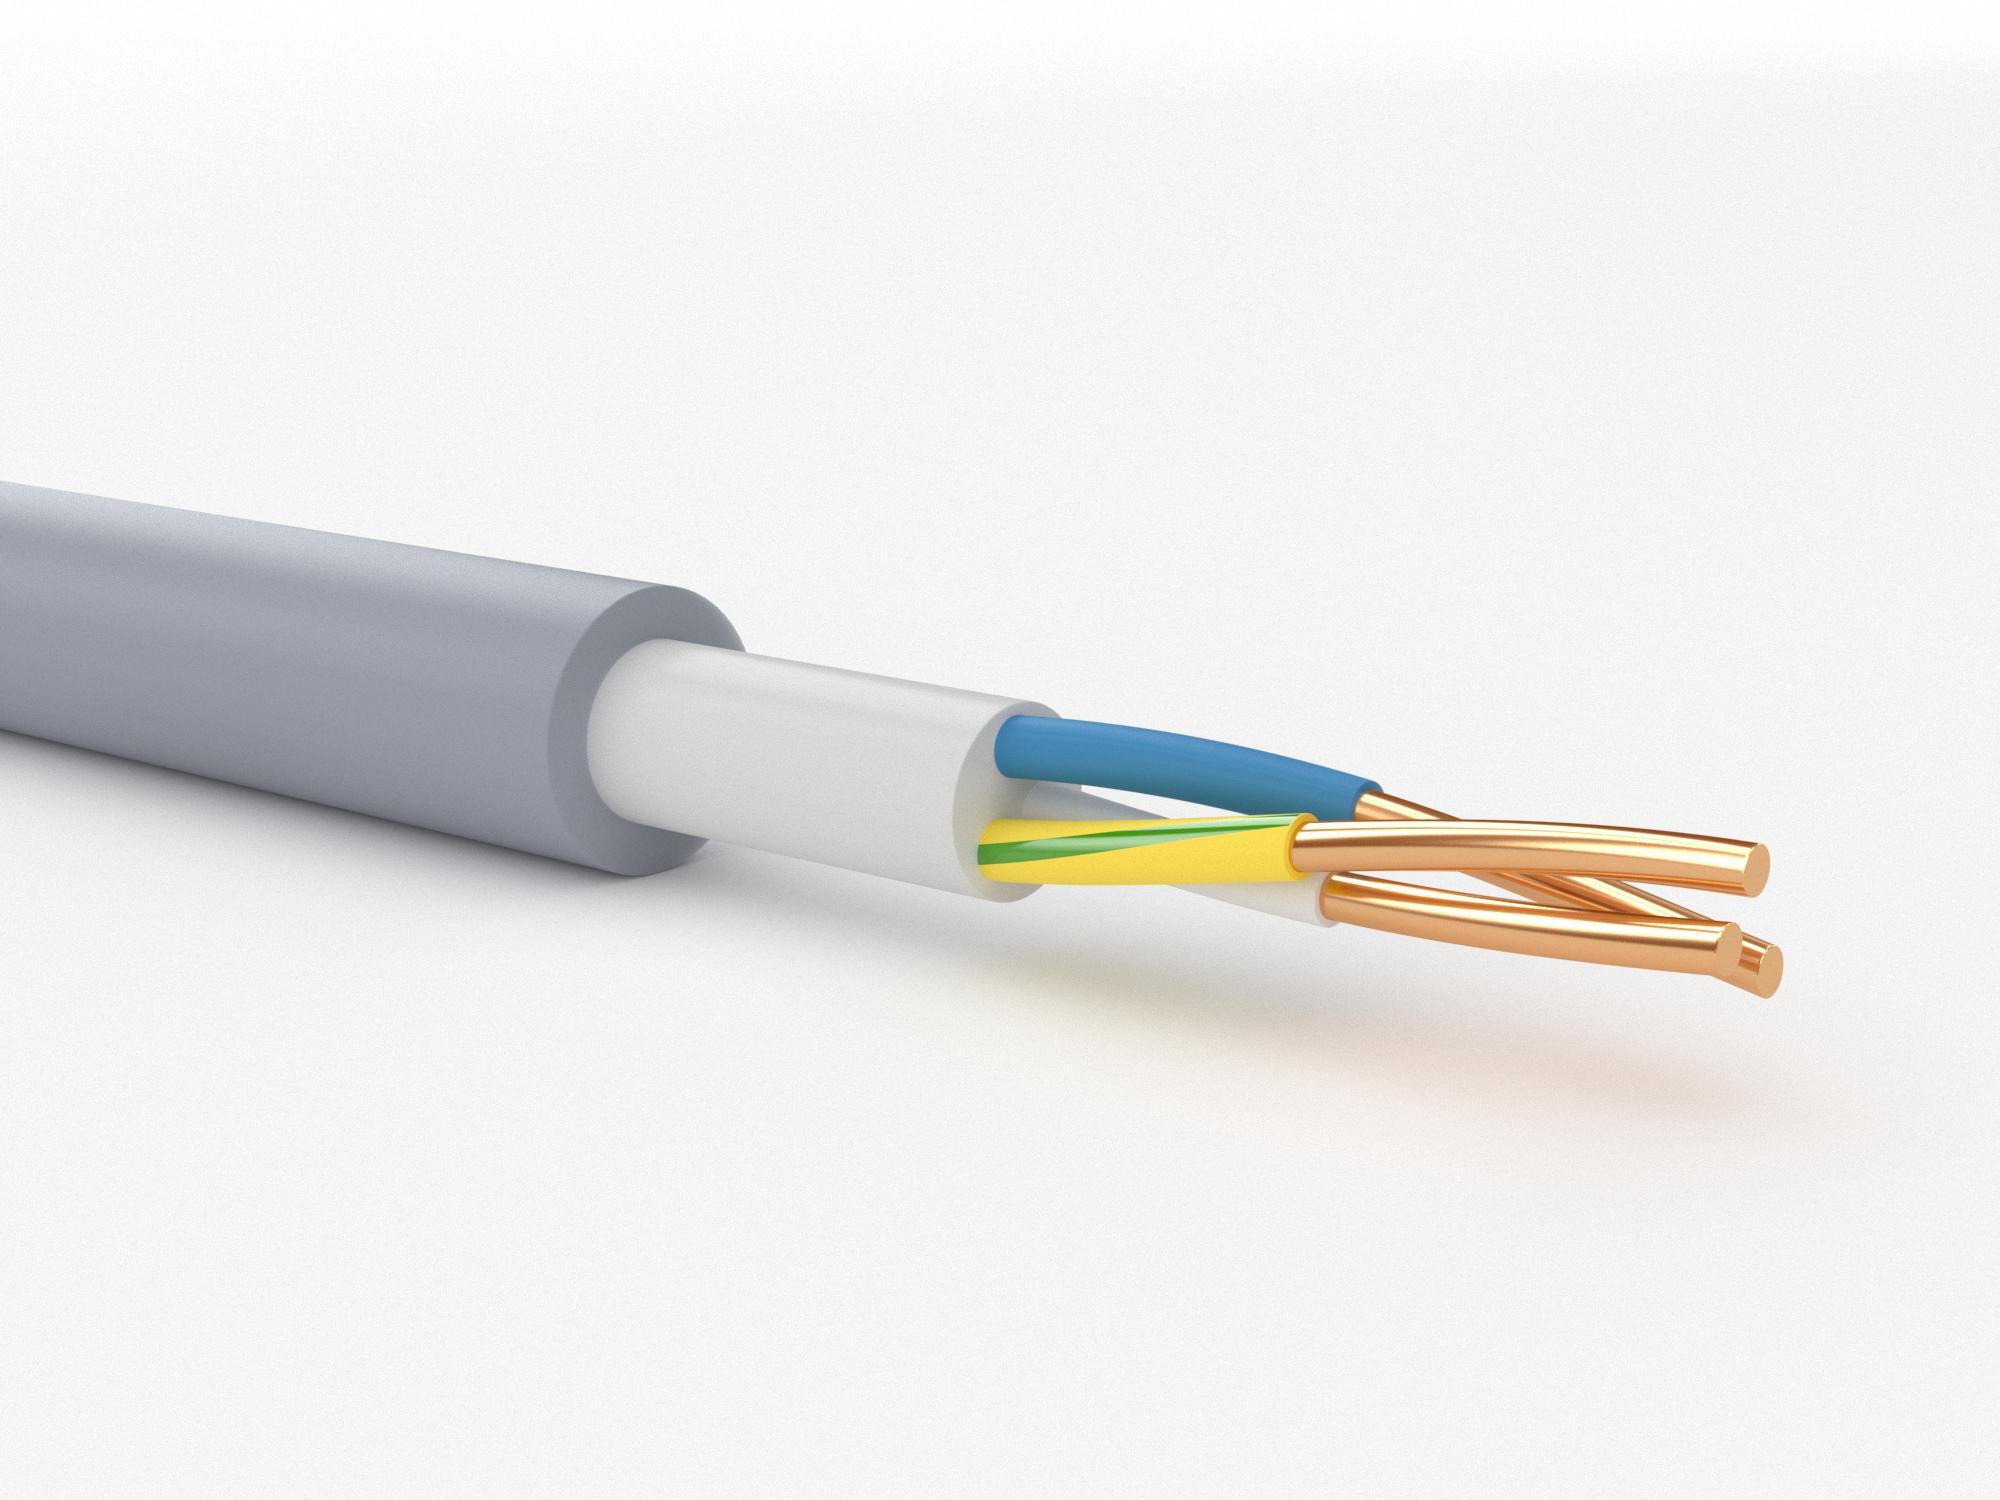 Кабель ПАРТНЕР-ЭЛЕКТРО Nym 3х4 ГОСТ (100м) кабель партнер электро nym 2х1 5 гост 100м